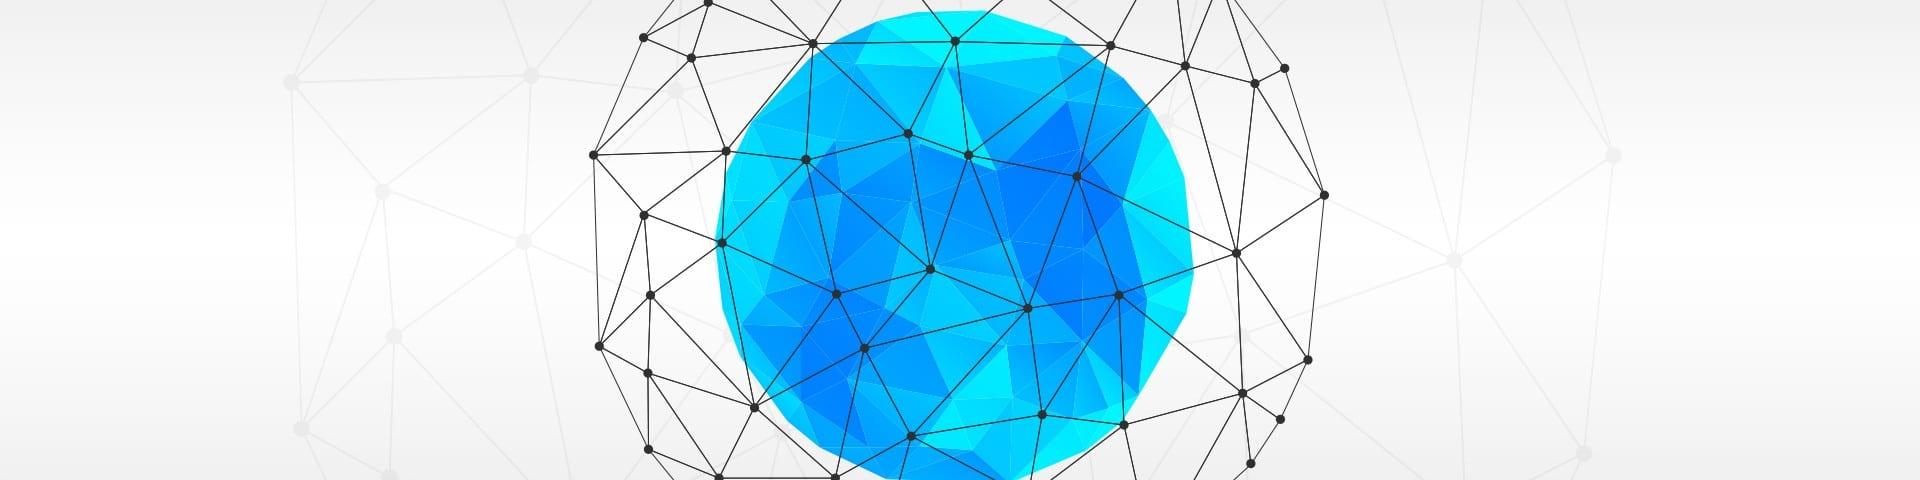 Open Data Médias : l'open data au service de l'action citoyenne